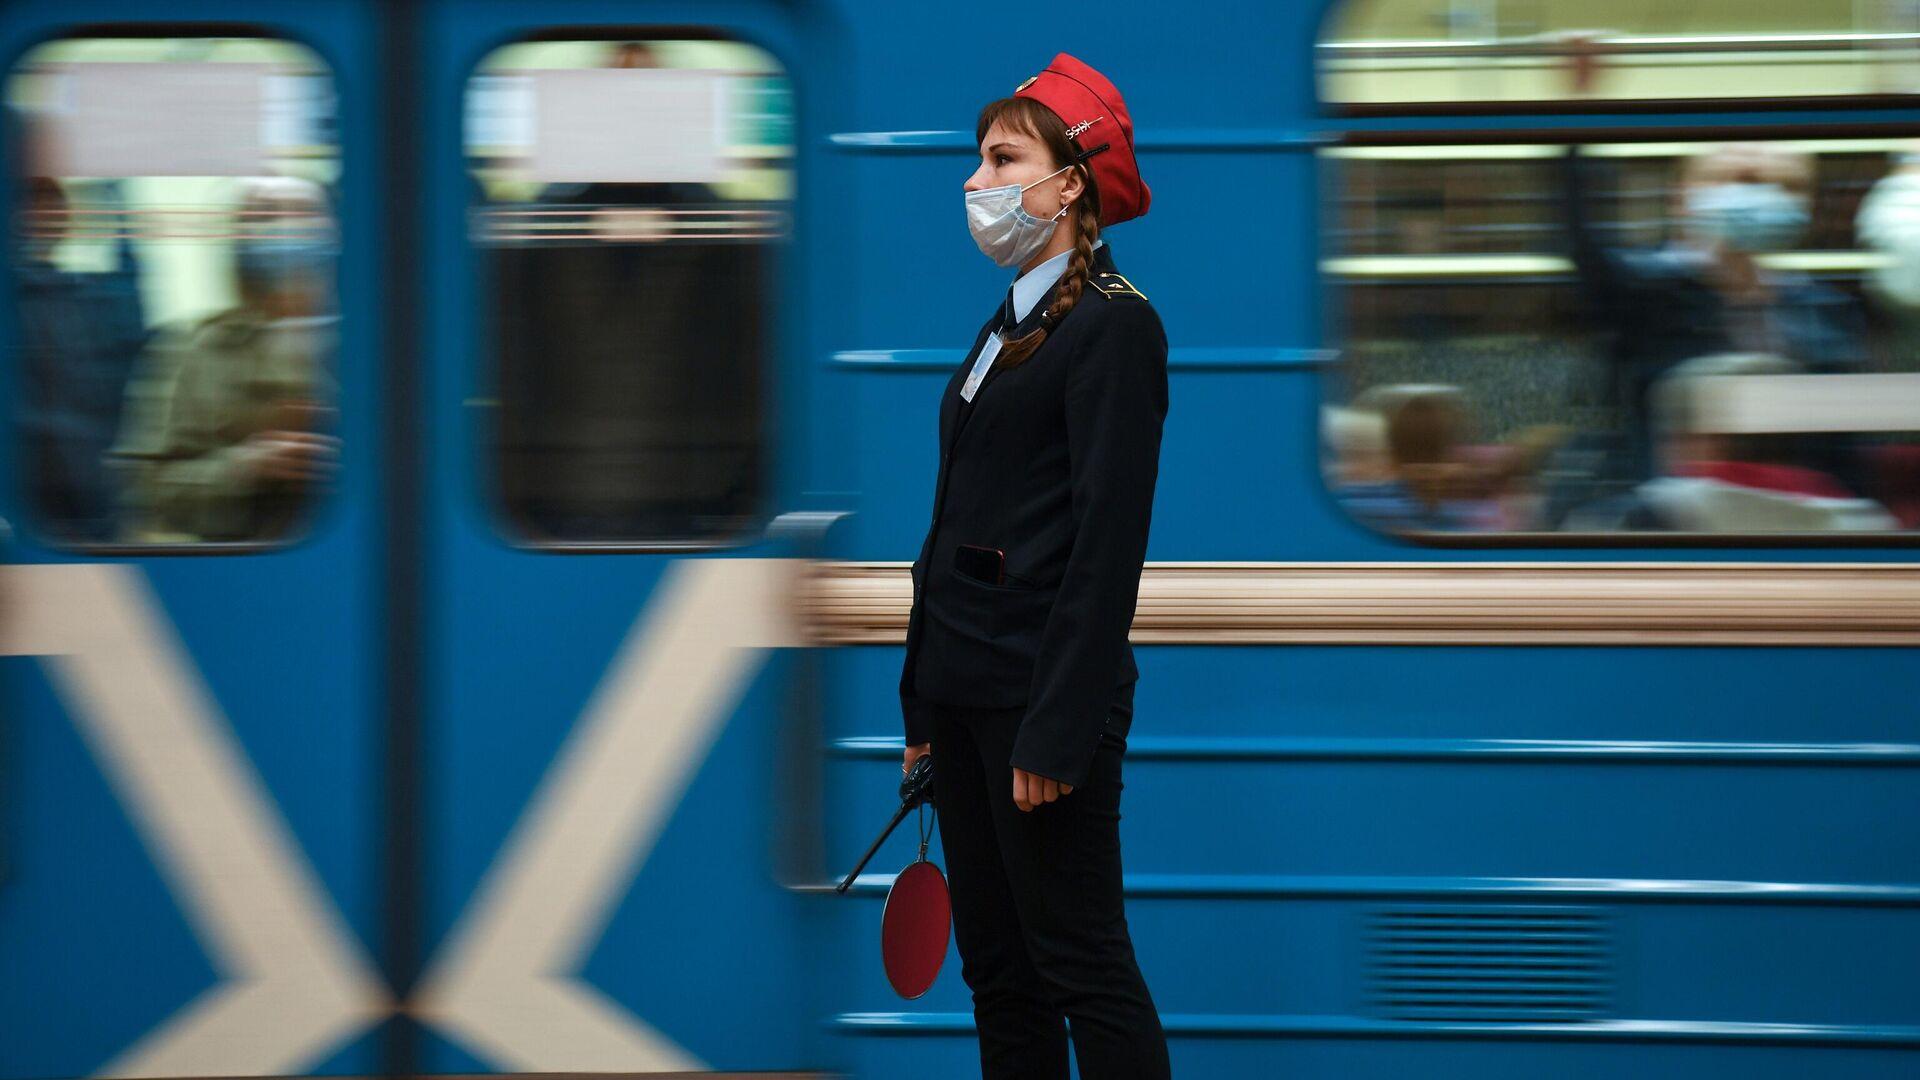 Сотрудница Новосибирского метрополитена в защитной маске  - РИА Новости, 1920, 03.10.2021